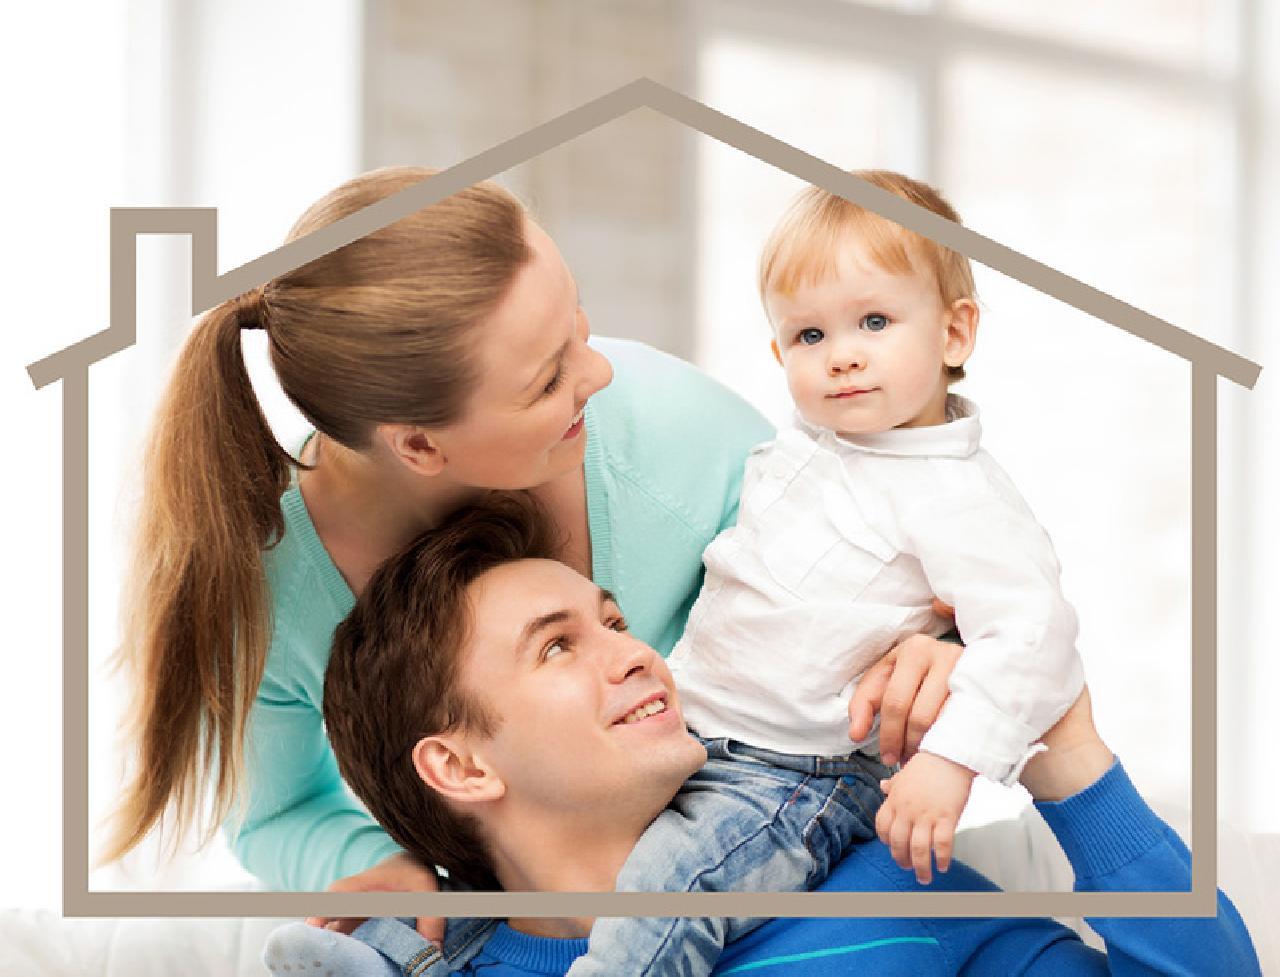 улучшение жилищных условий молодым семьям 2020